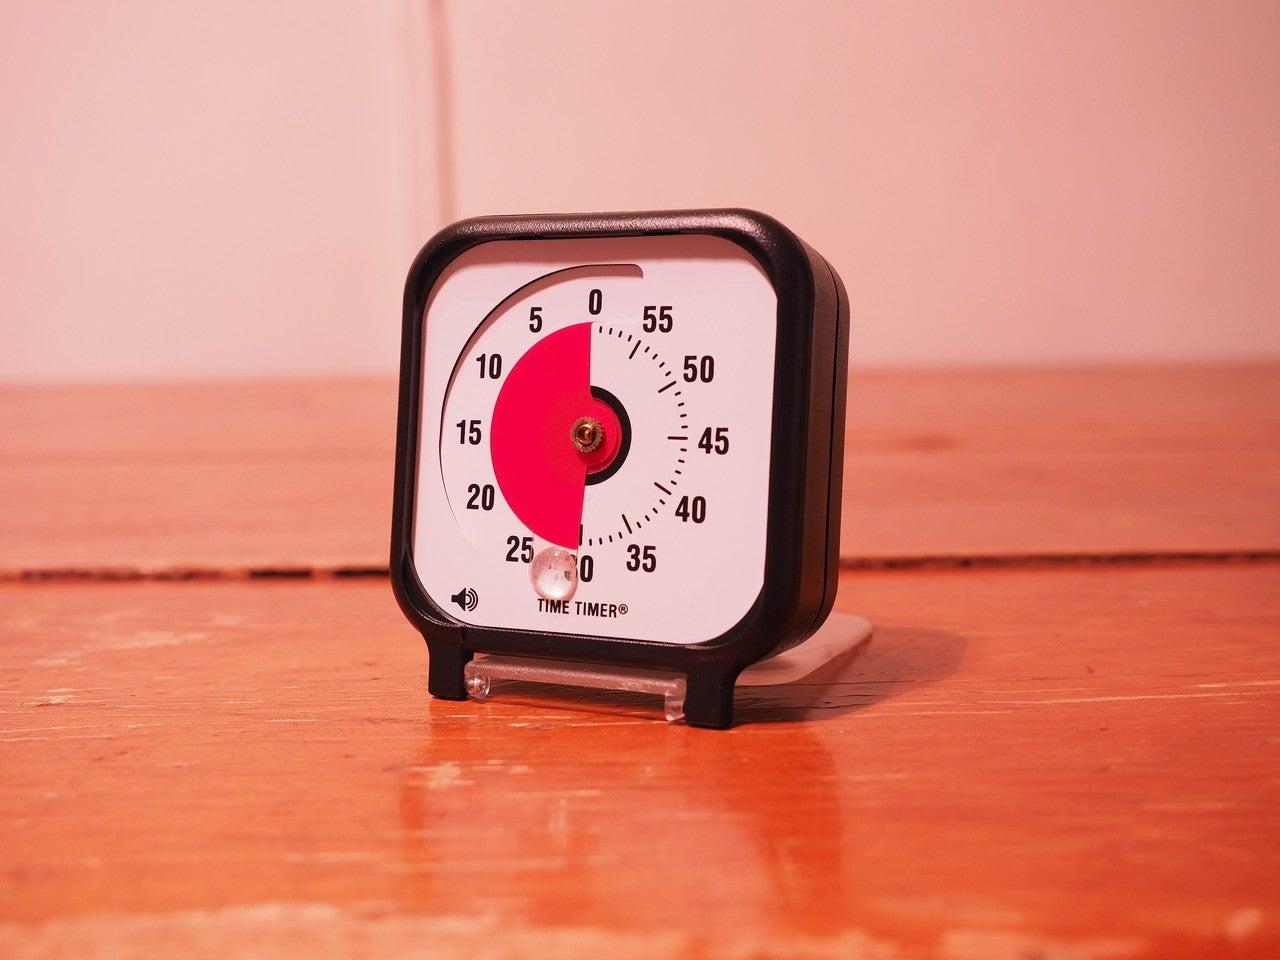 時間管理に悩むみんなにすすめたい。静かに過ぎ去る「時を見える化」する道具の話